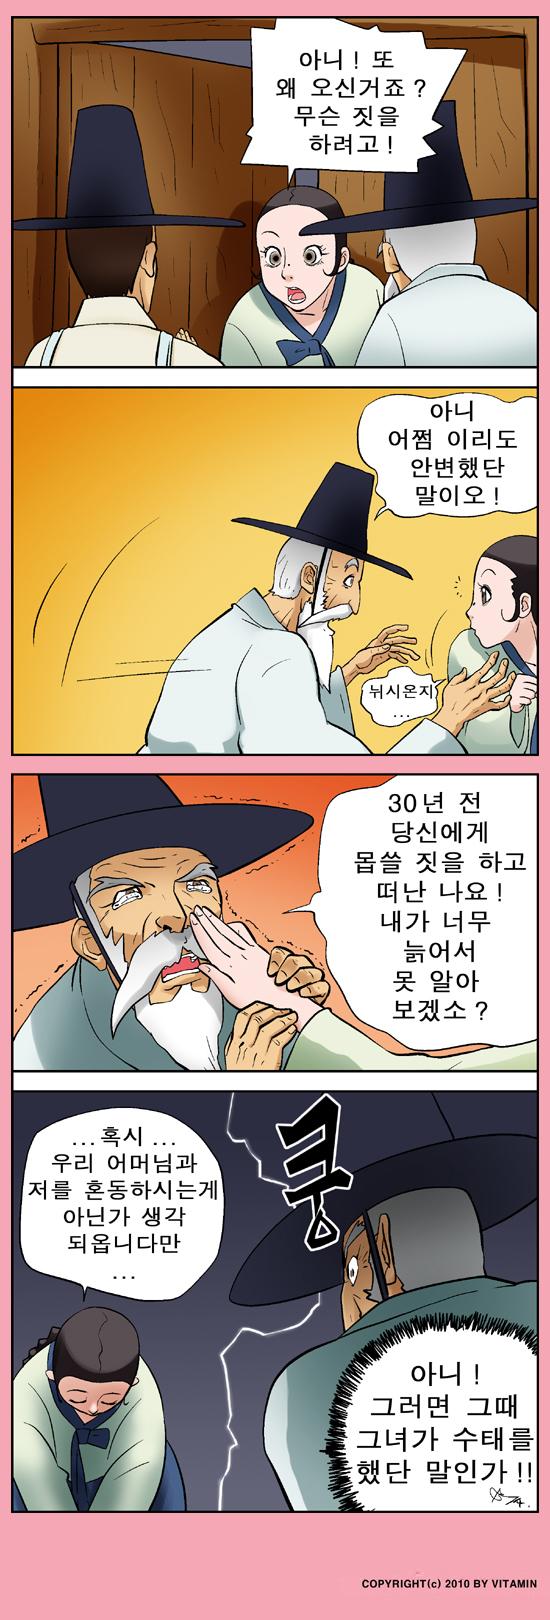 개미와 꿀 (36) 세월을 가는 선비_1